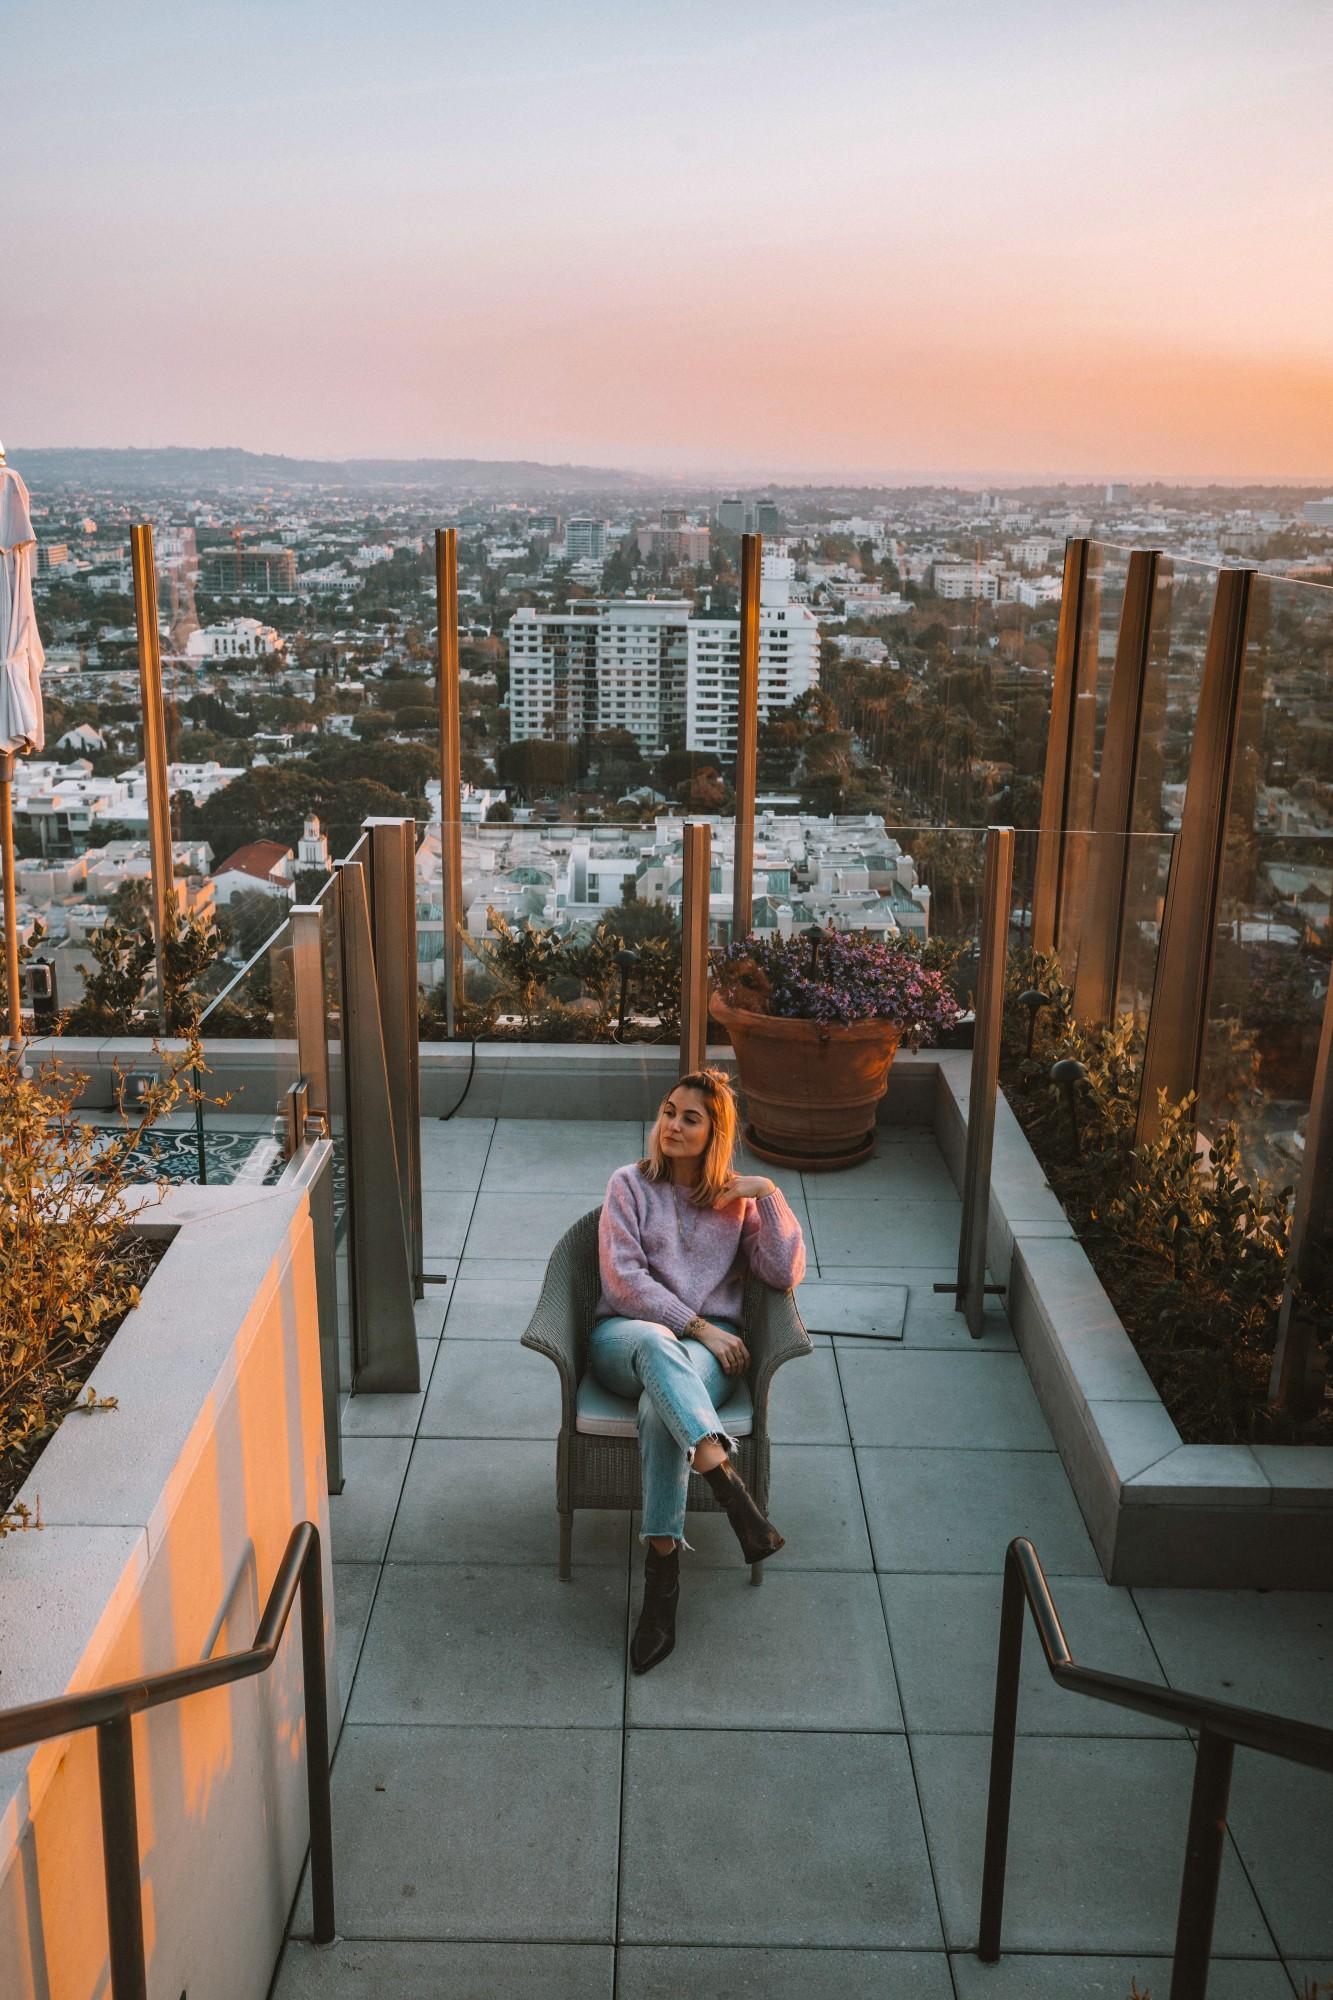 Sortir à West Hollywood - Blondie Baby blog voyages